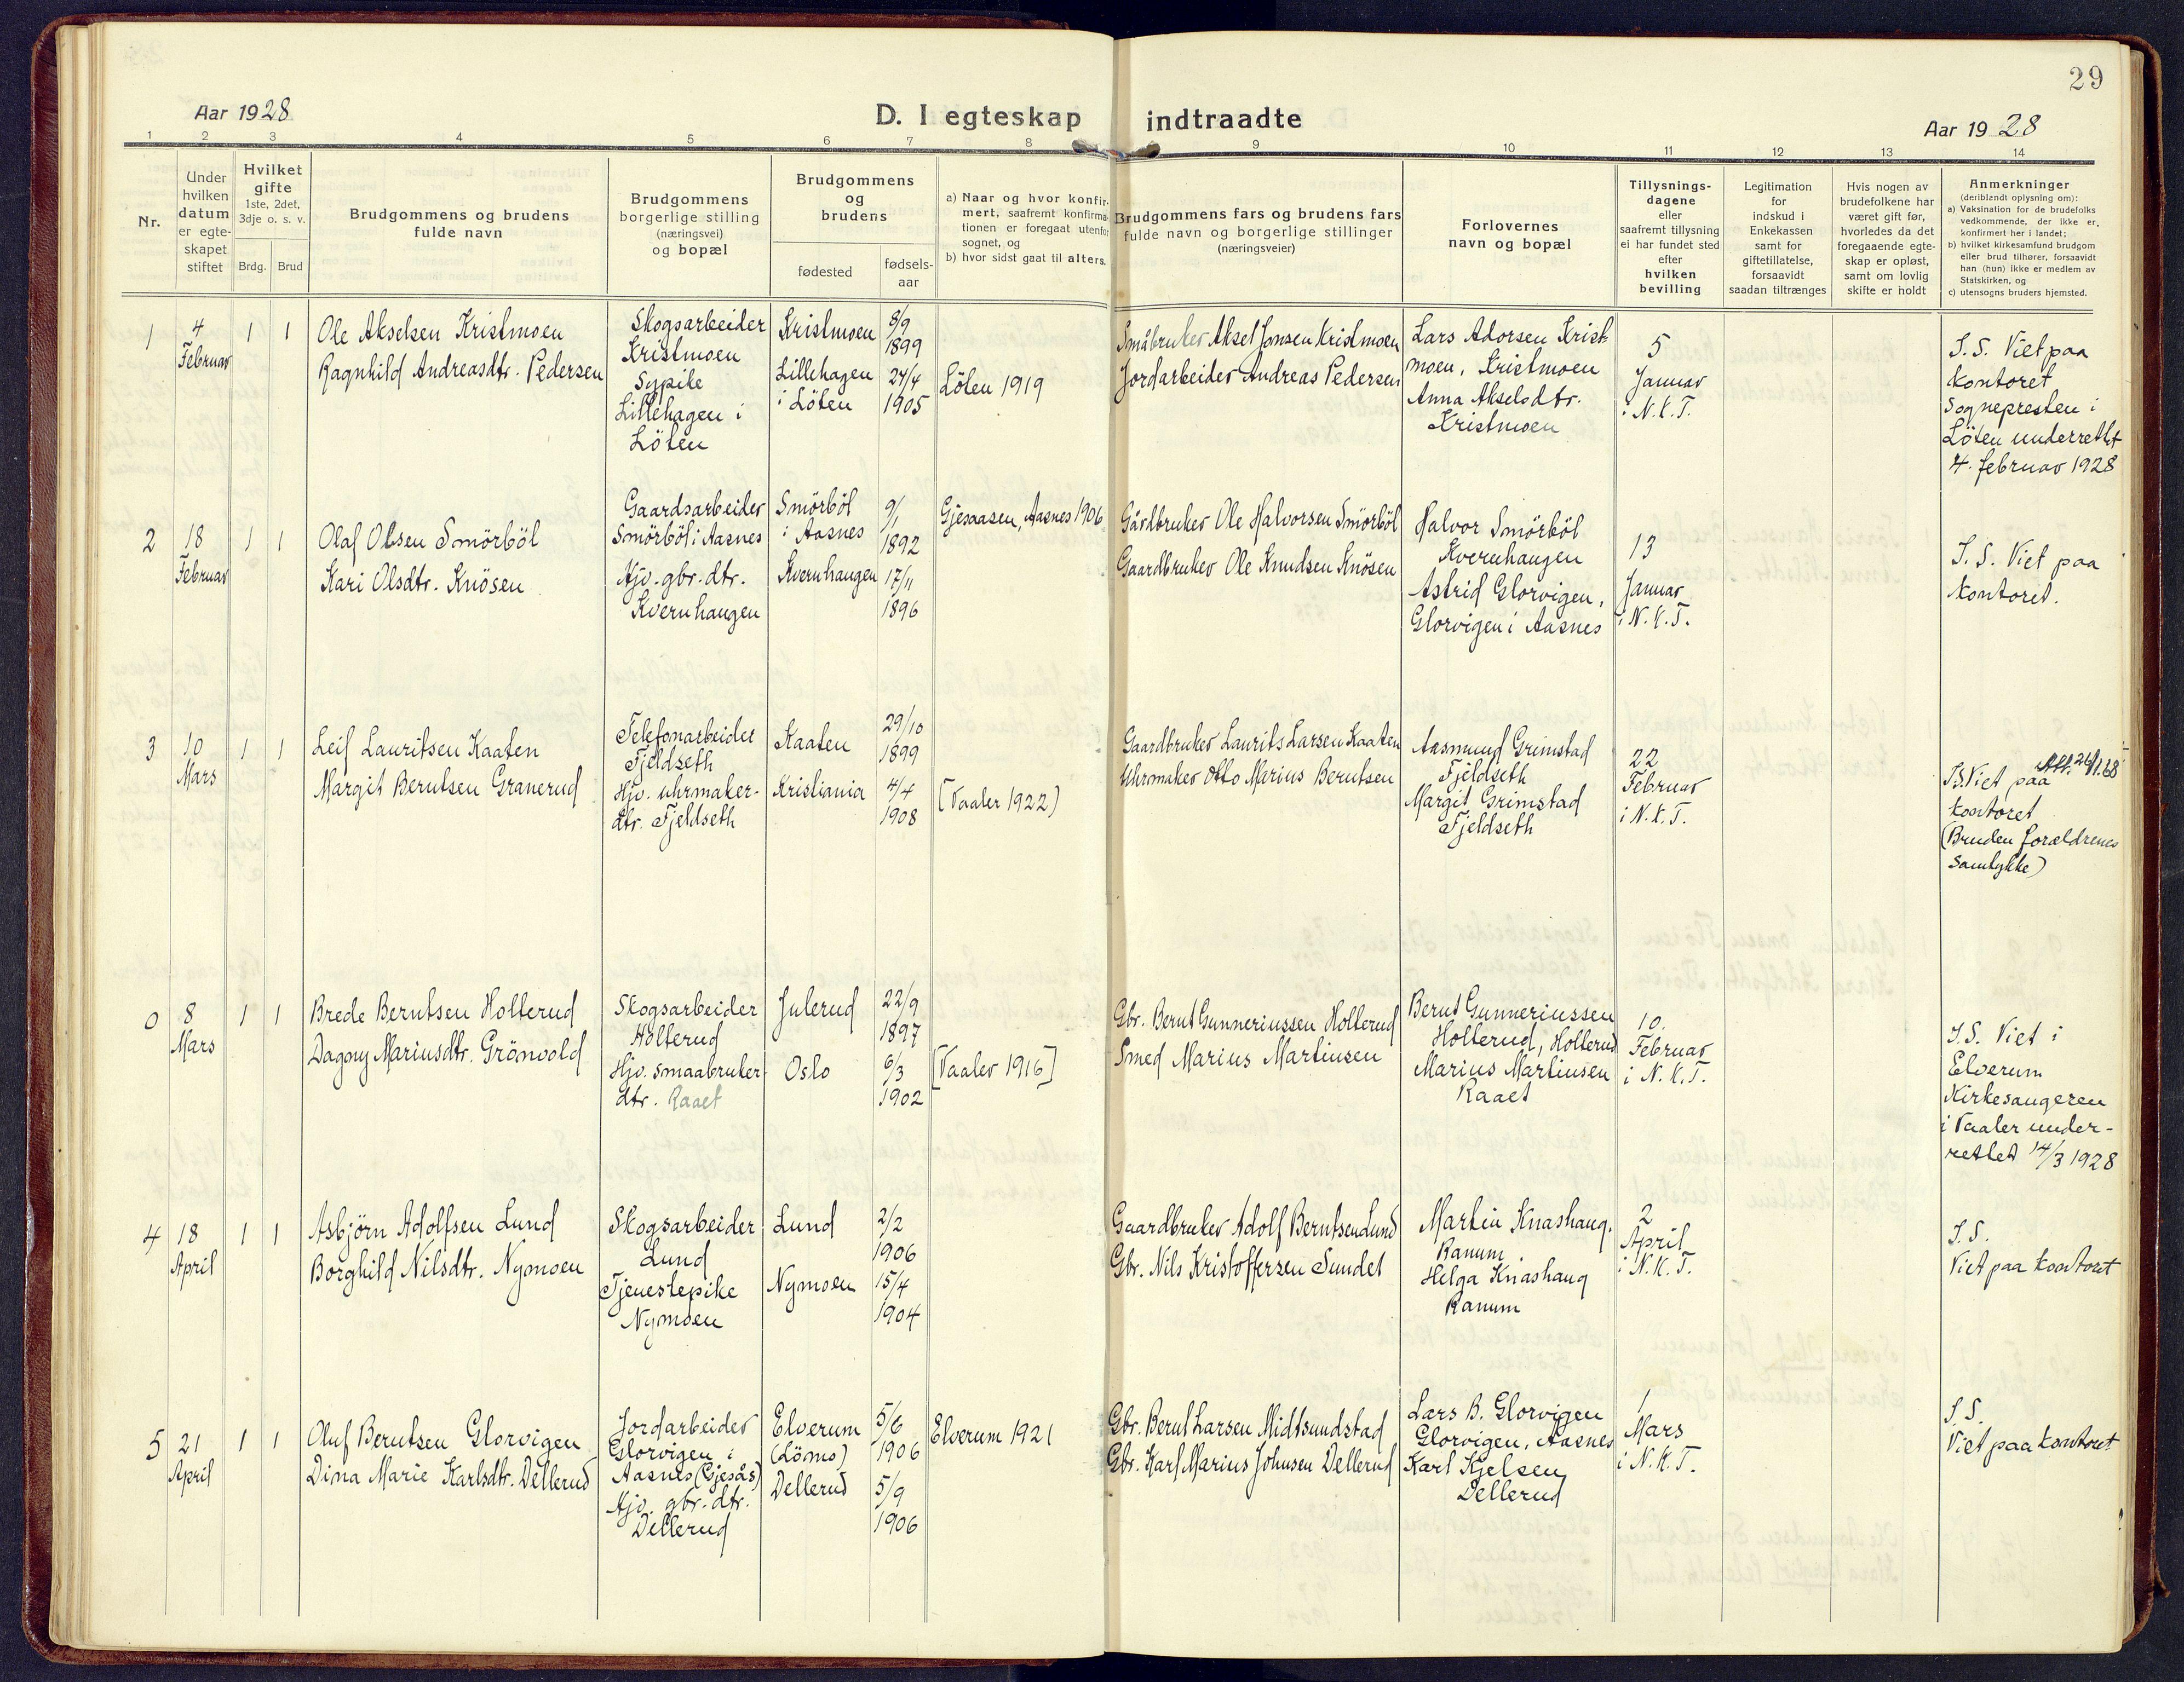 SAH, Våler prestekontor, Hedmark, Parish register (official) no. 11, 1919-1933, p. 29